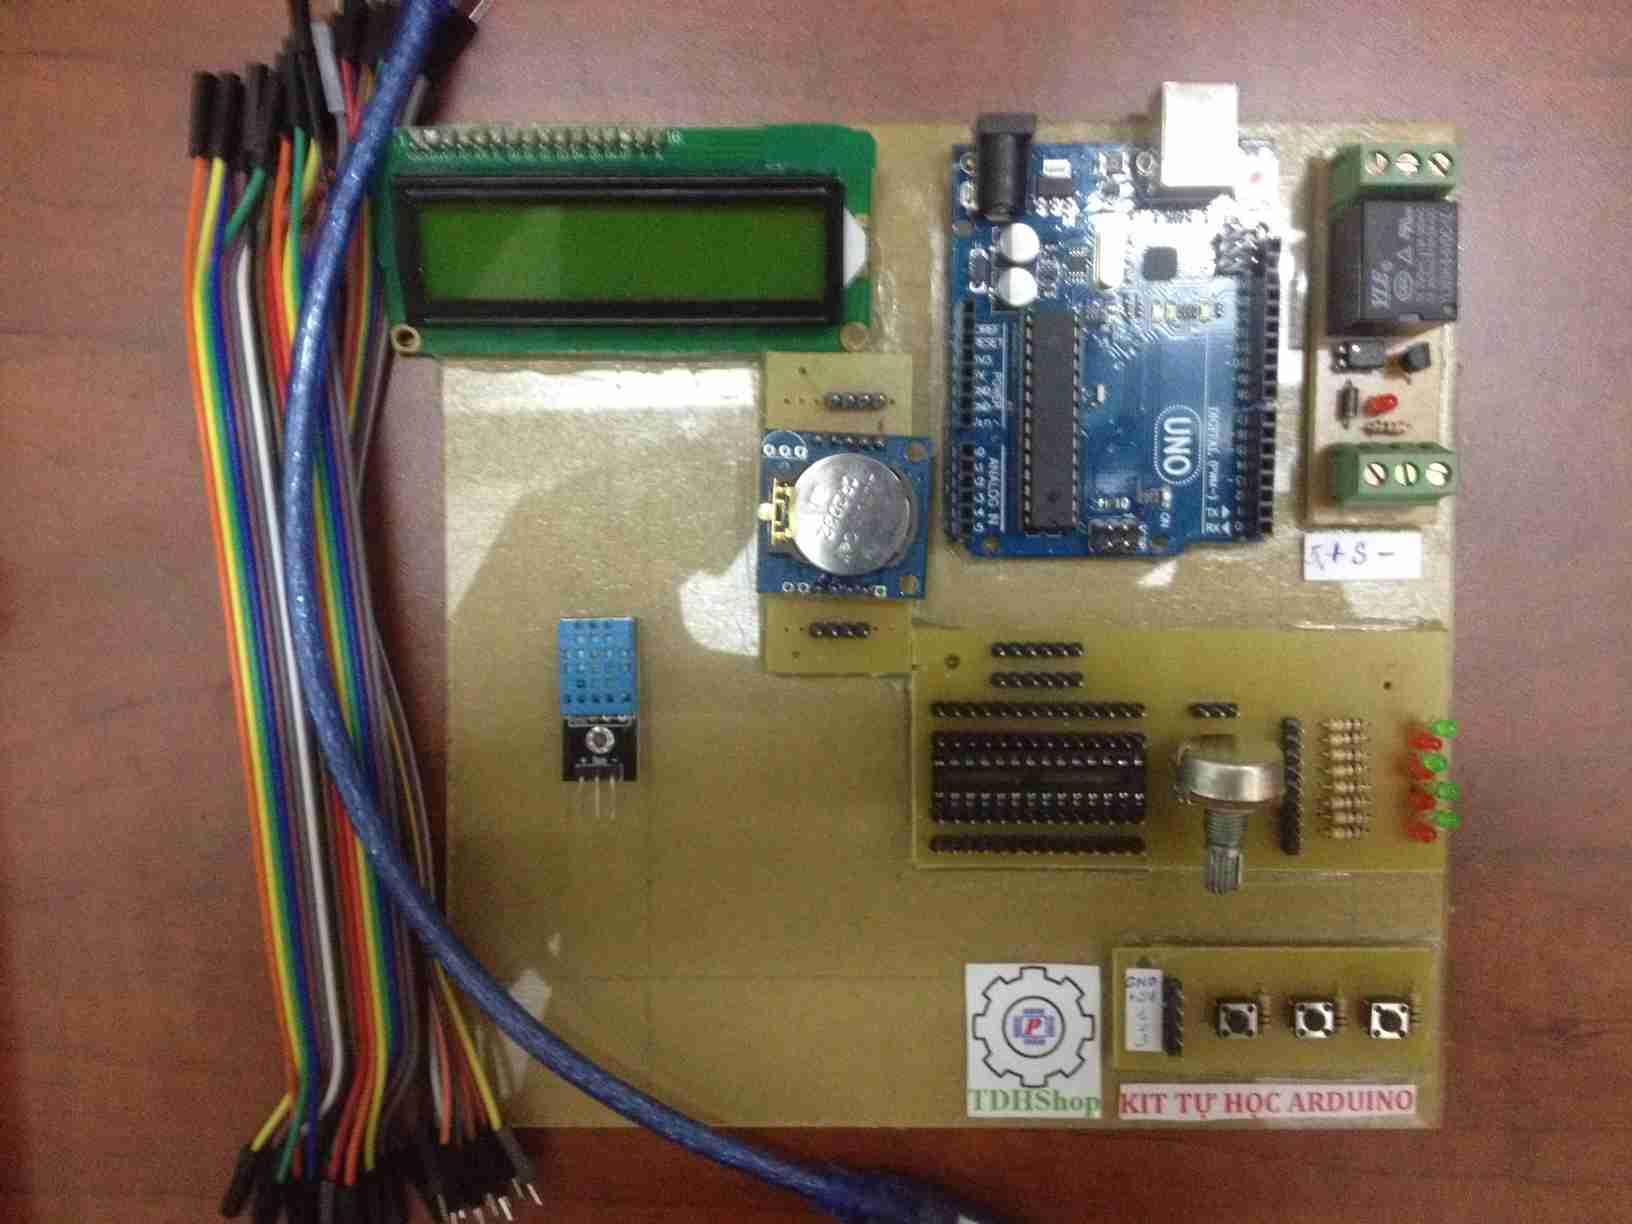 Bộ Tự Học Arduino Đo Nhiệt Độ, Độ Ẩm Bằng DHT11